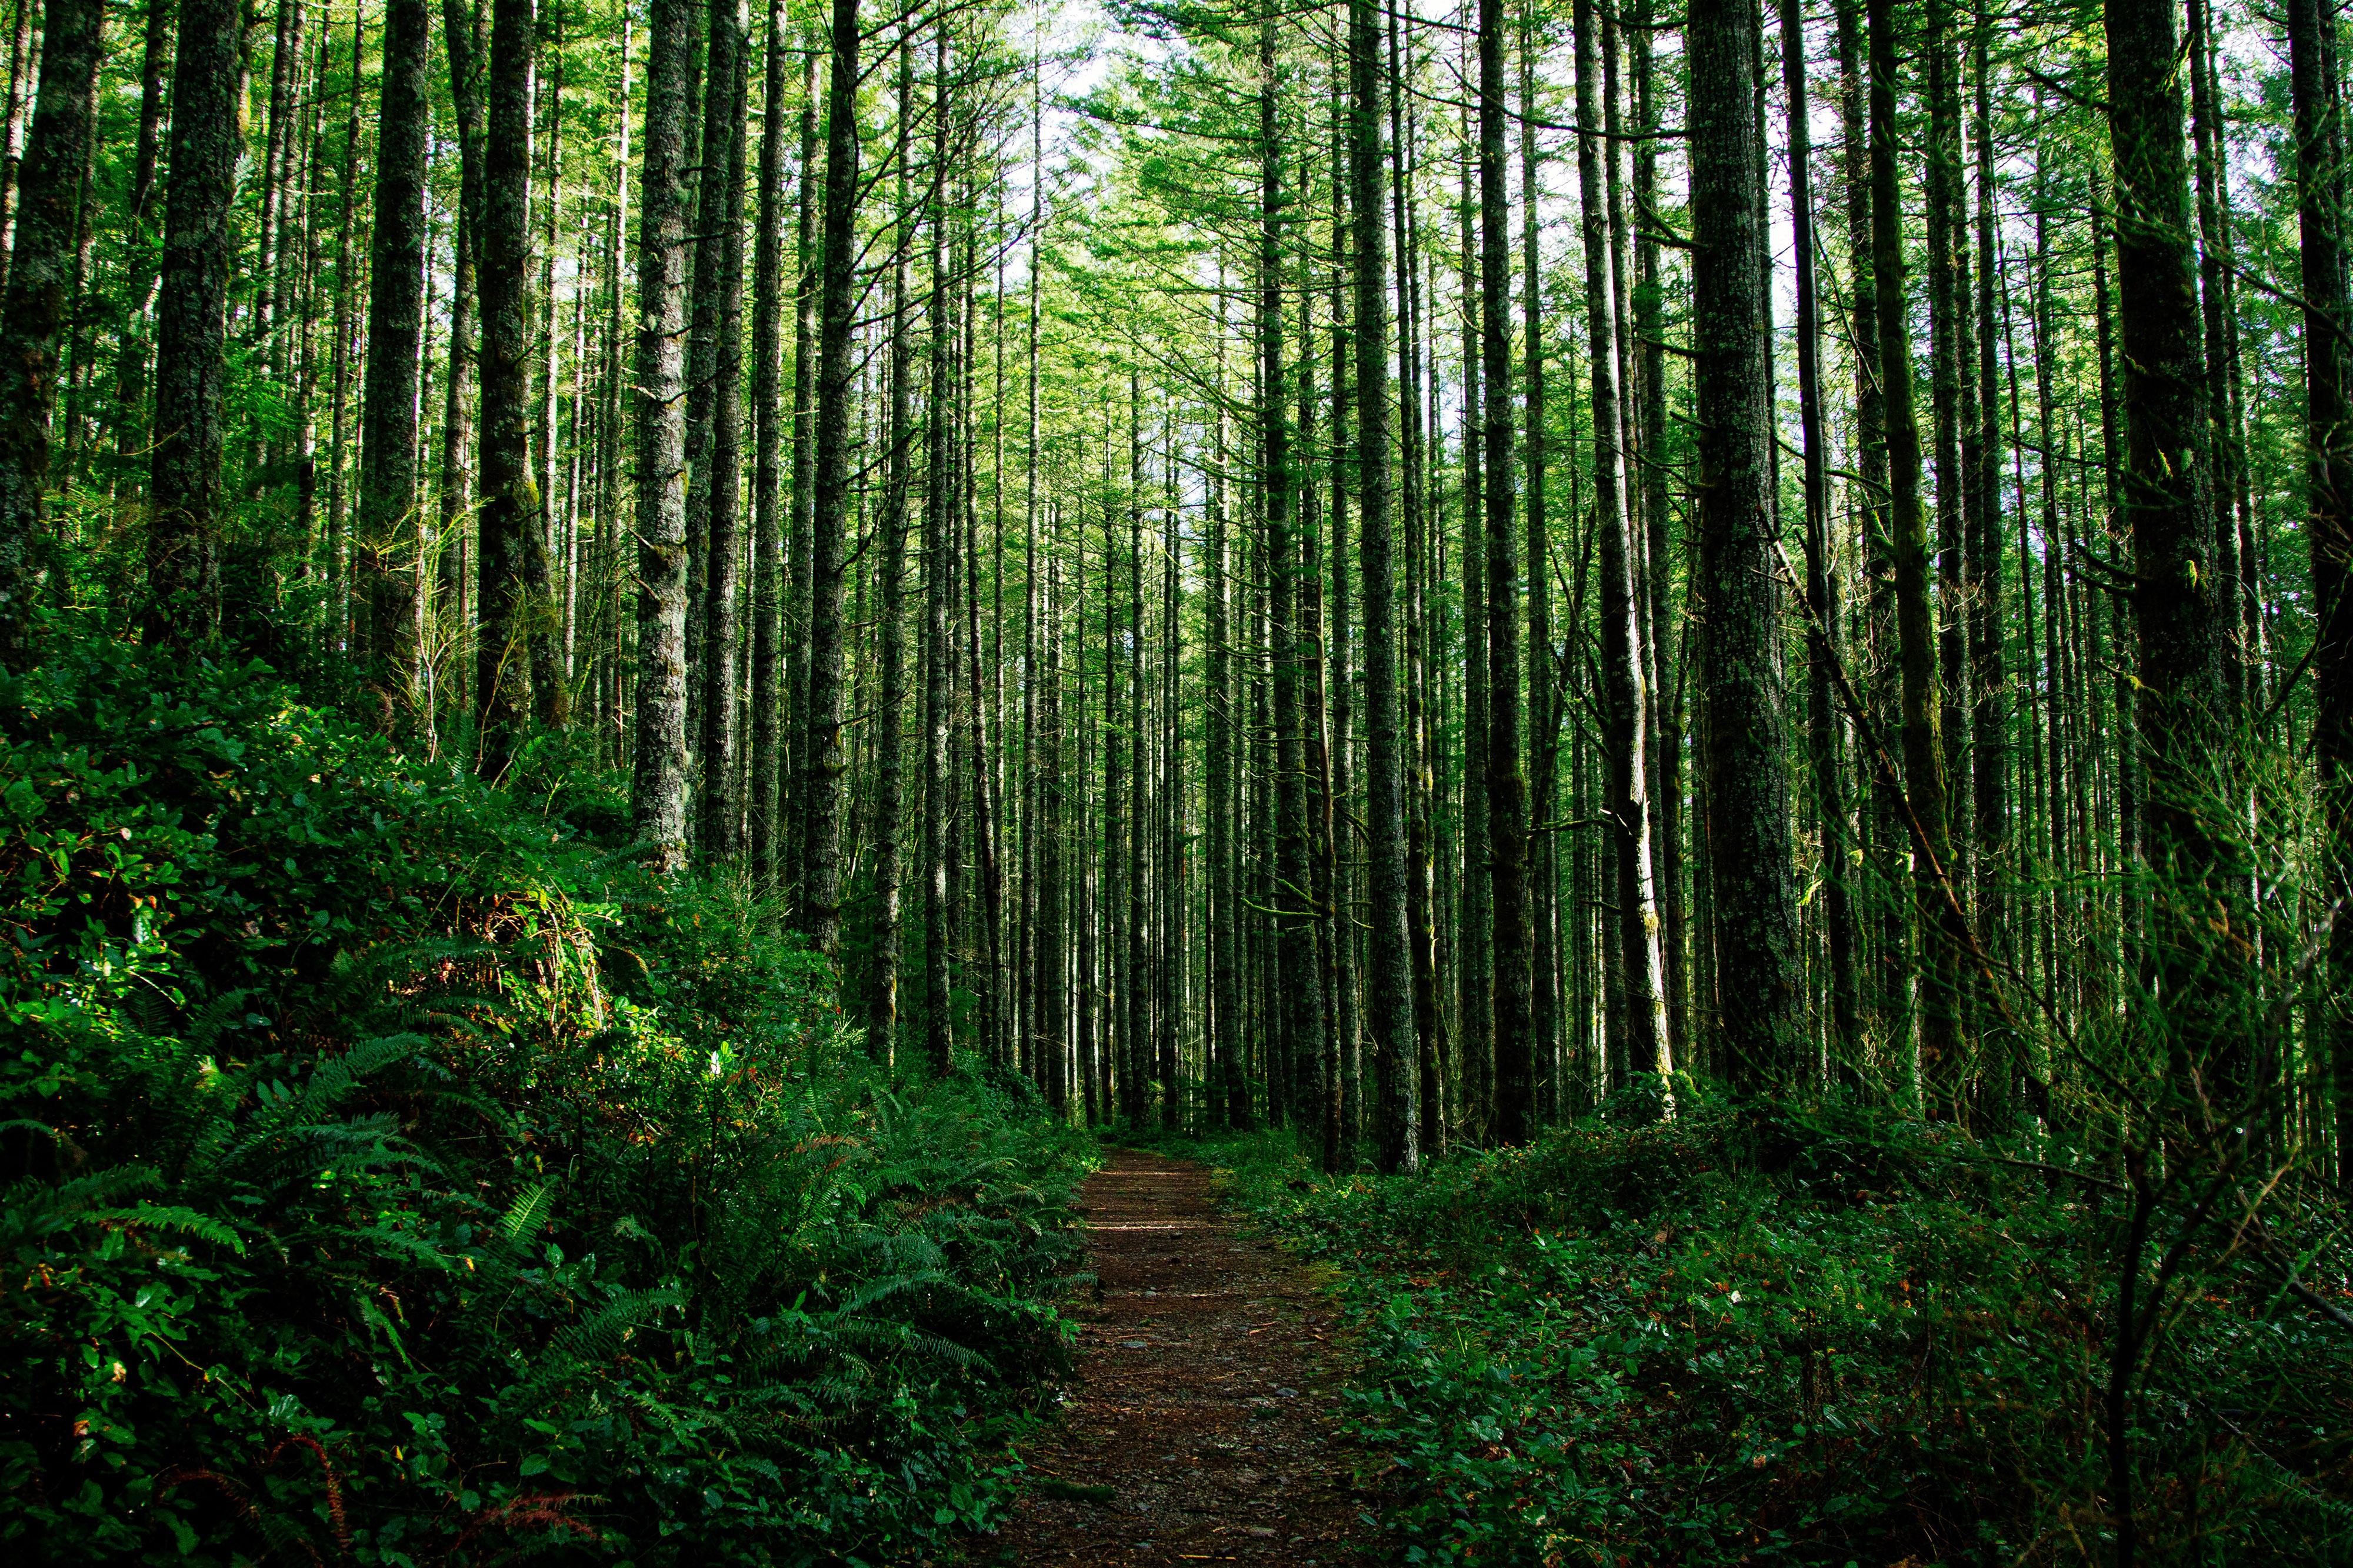 лучшие фотографии леса нет рубцов